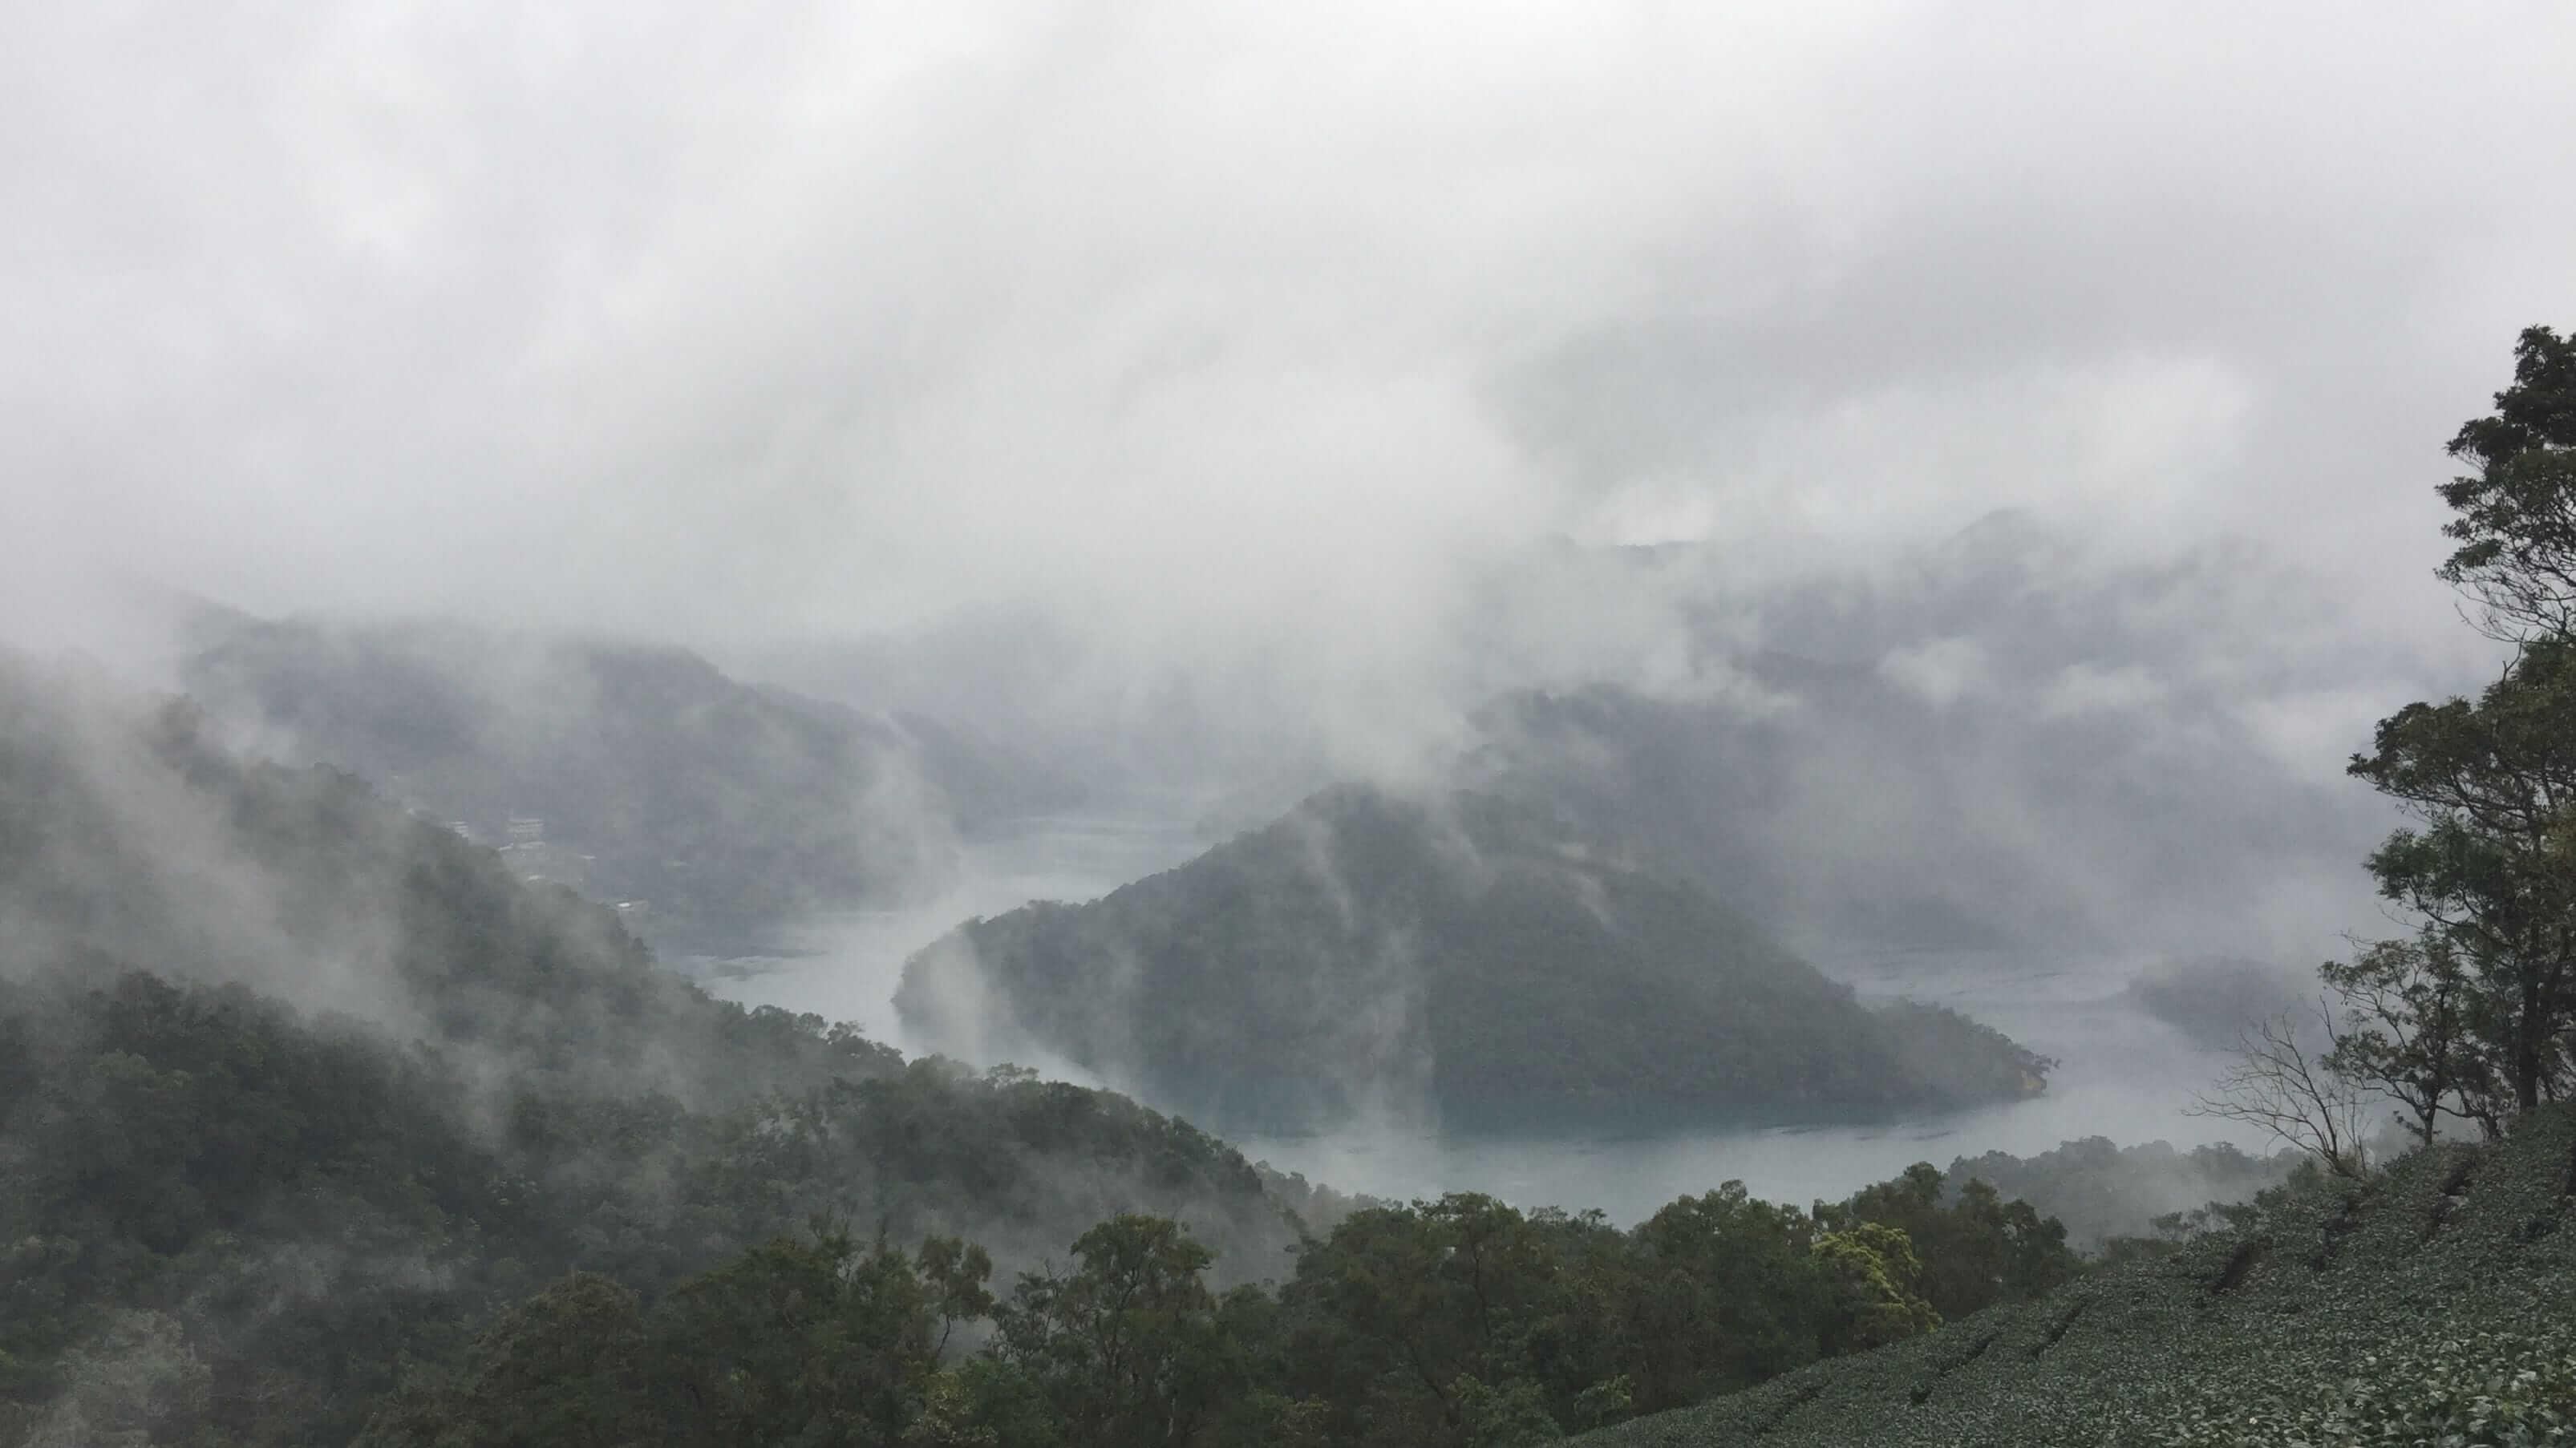 茶、酒、咖啡⋯⋯ 到台灣的千島湖中探一片隱世茶園吧!